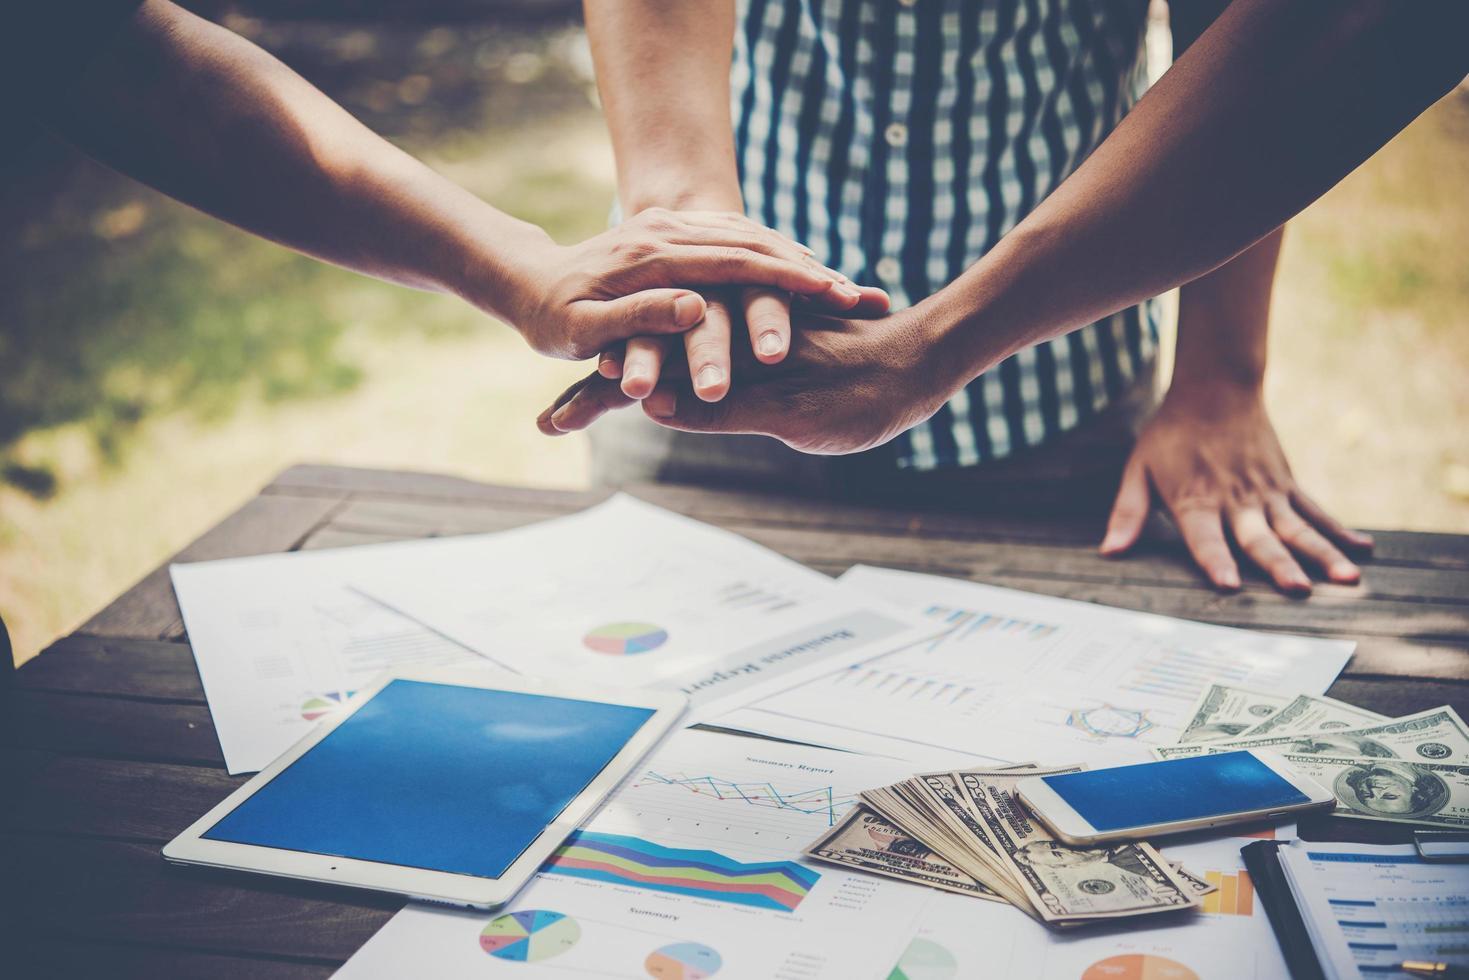 Geschäft, das Hände zusammenstellt, um Teamarbeit darzustellen foto